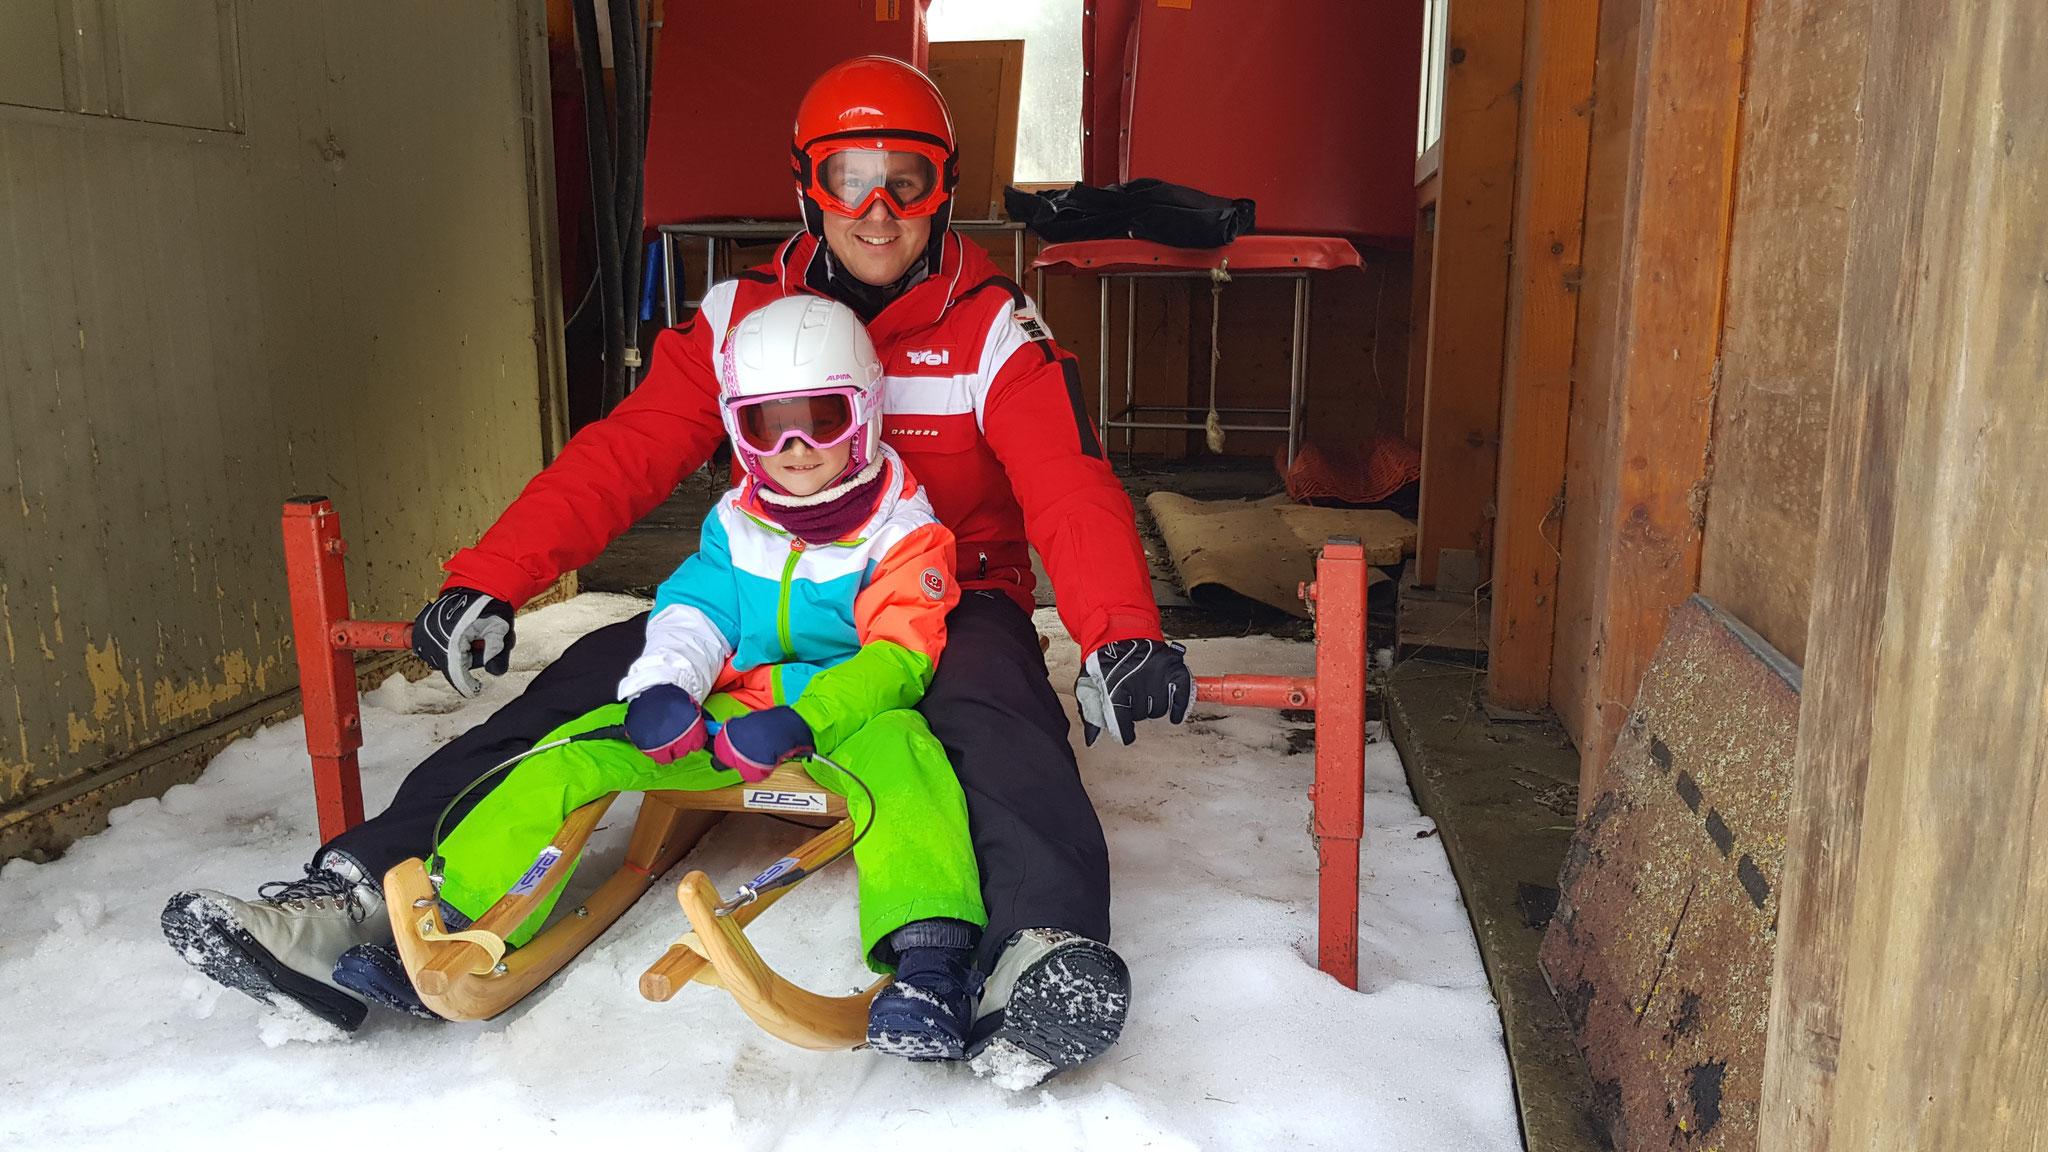 Am Bild Rodelprofi Christoph Knauder mit seiner Tochter Lara am Start. (Foto: RC Mondi)